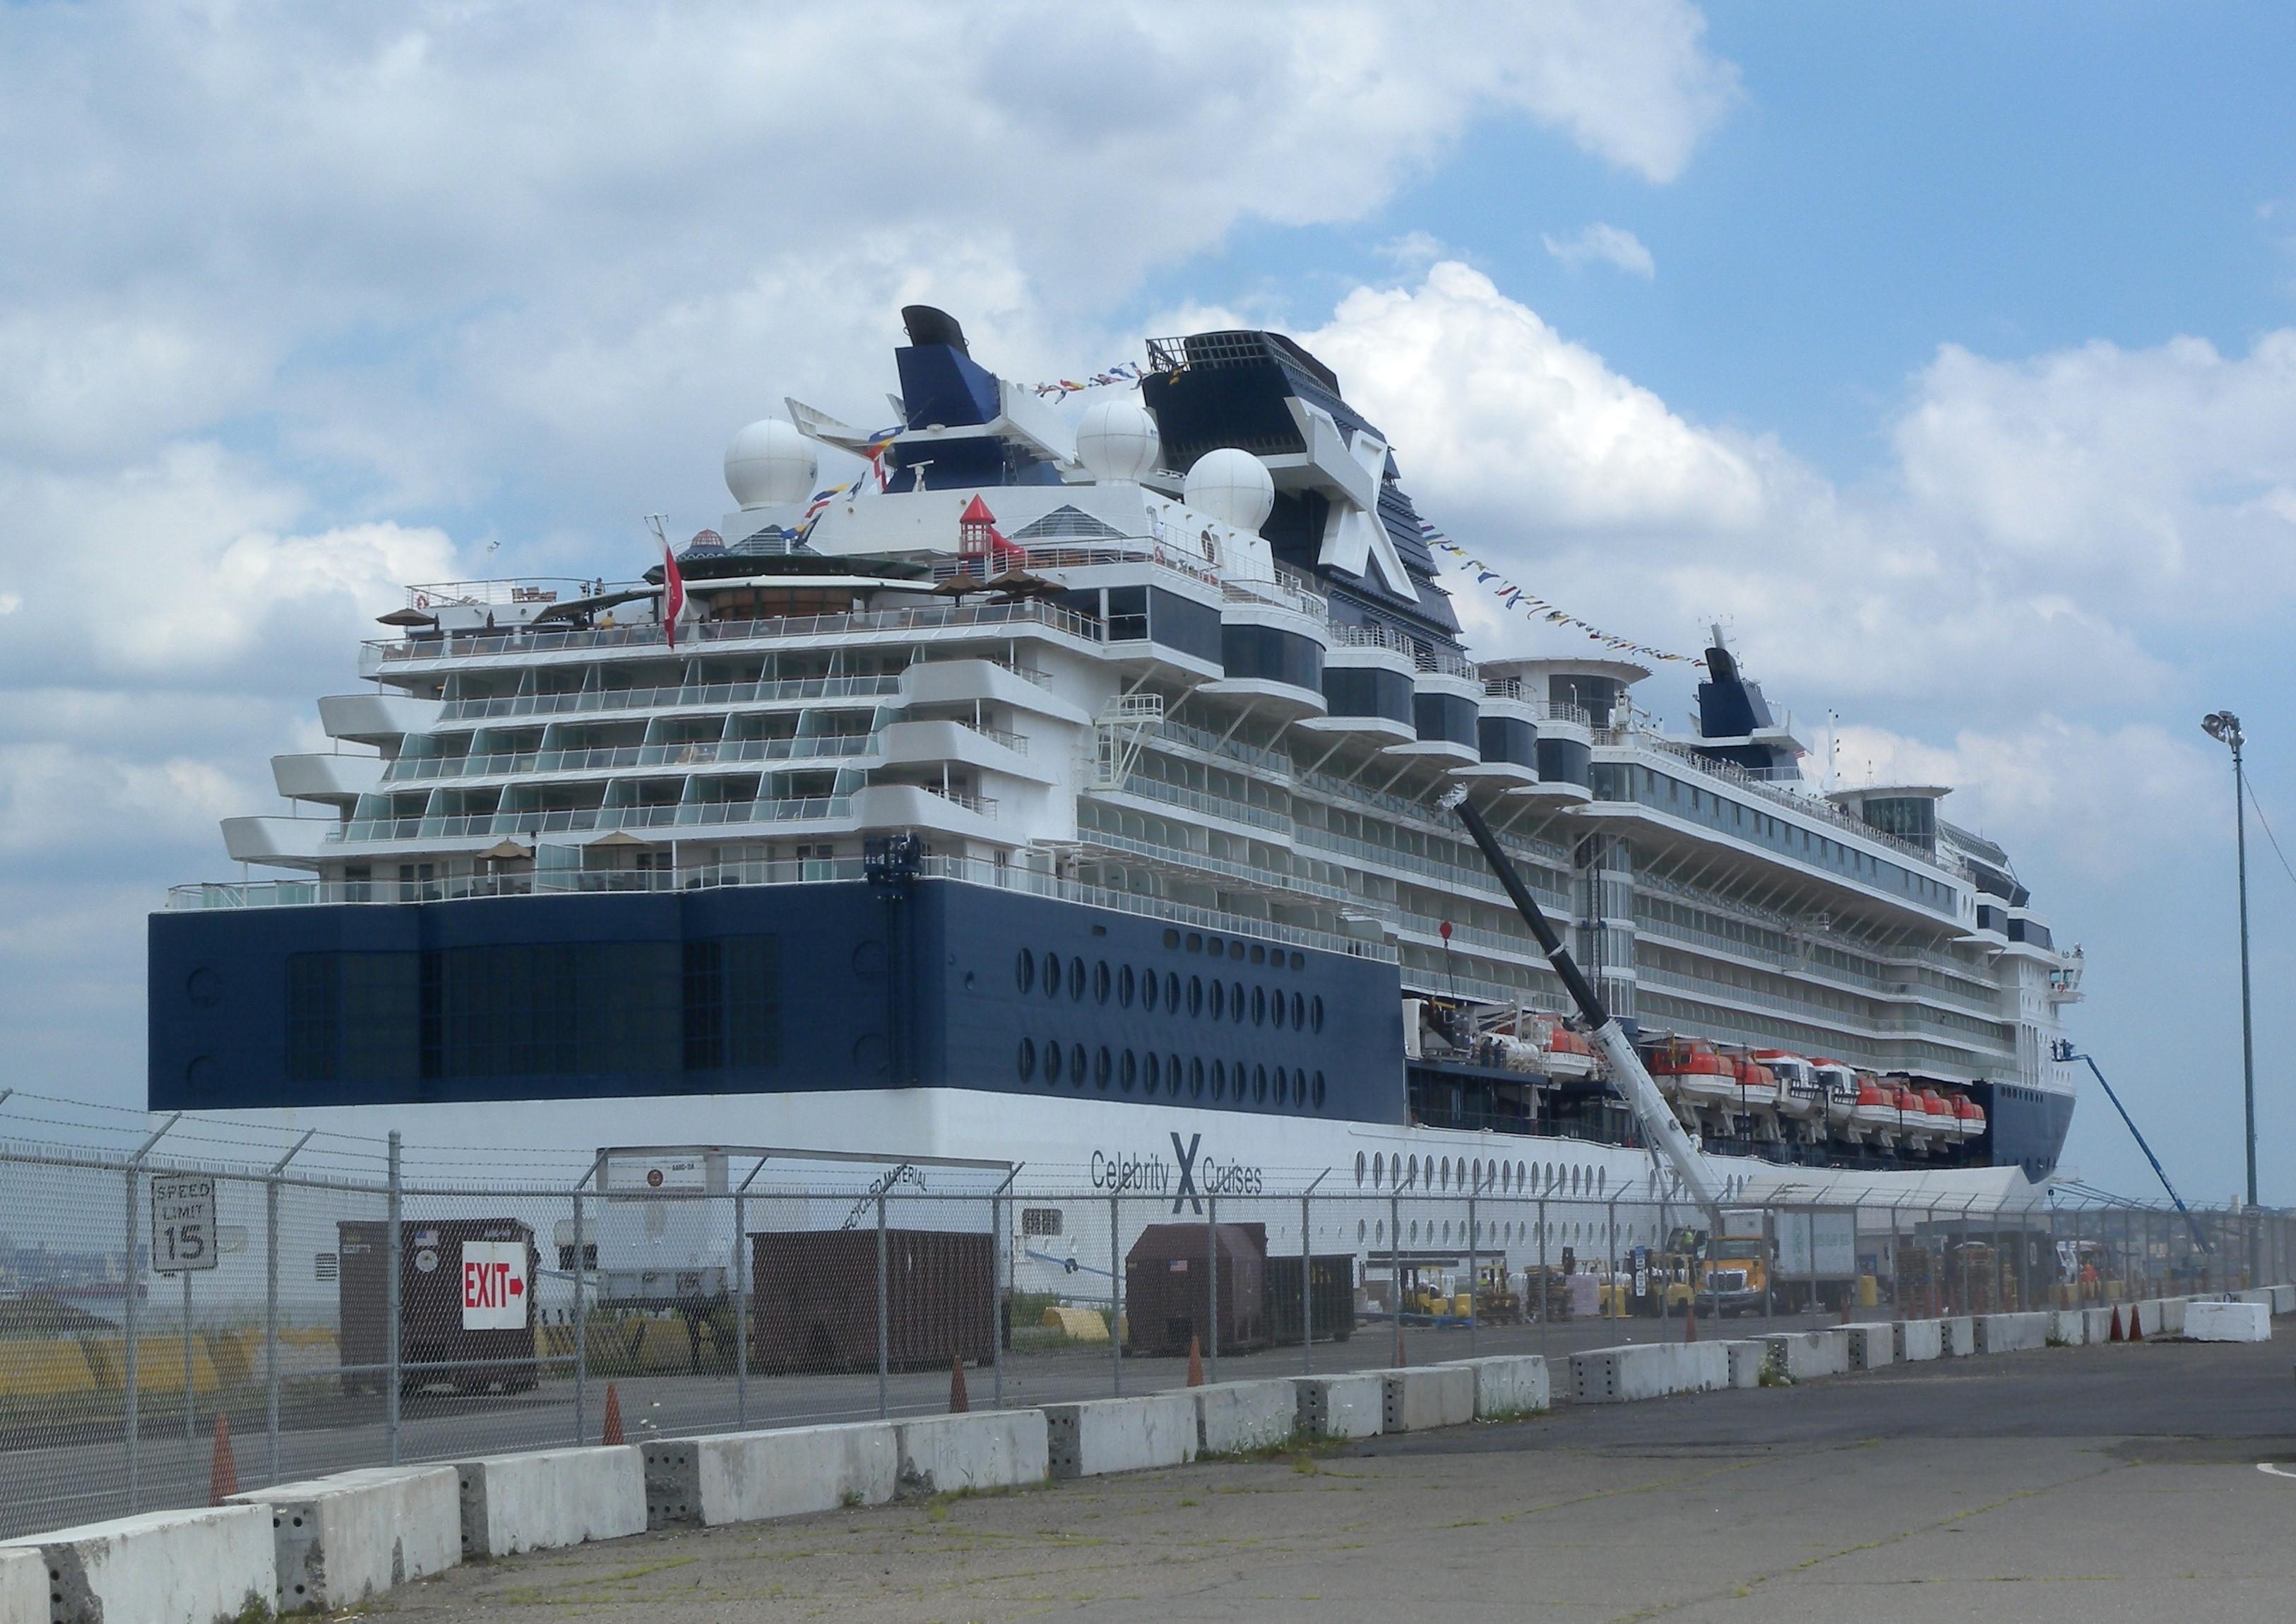 Celebrity solstice cruise sydney to honolulu